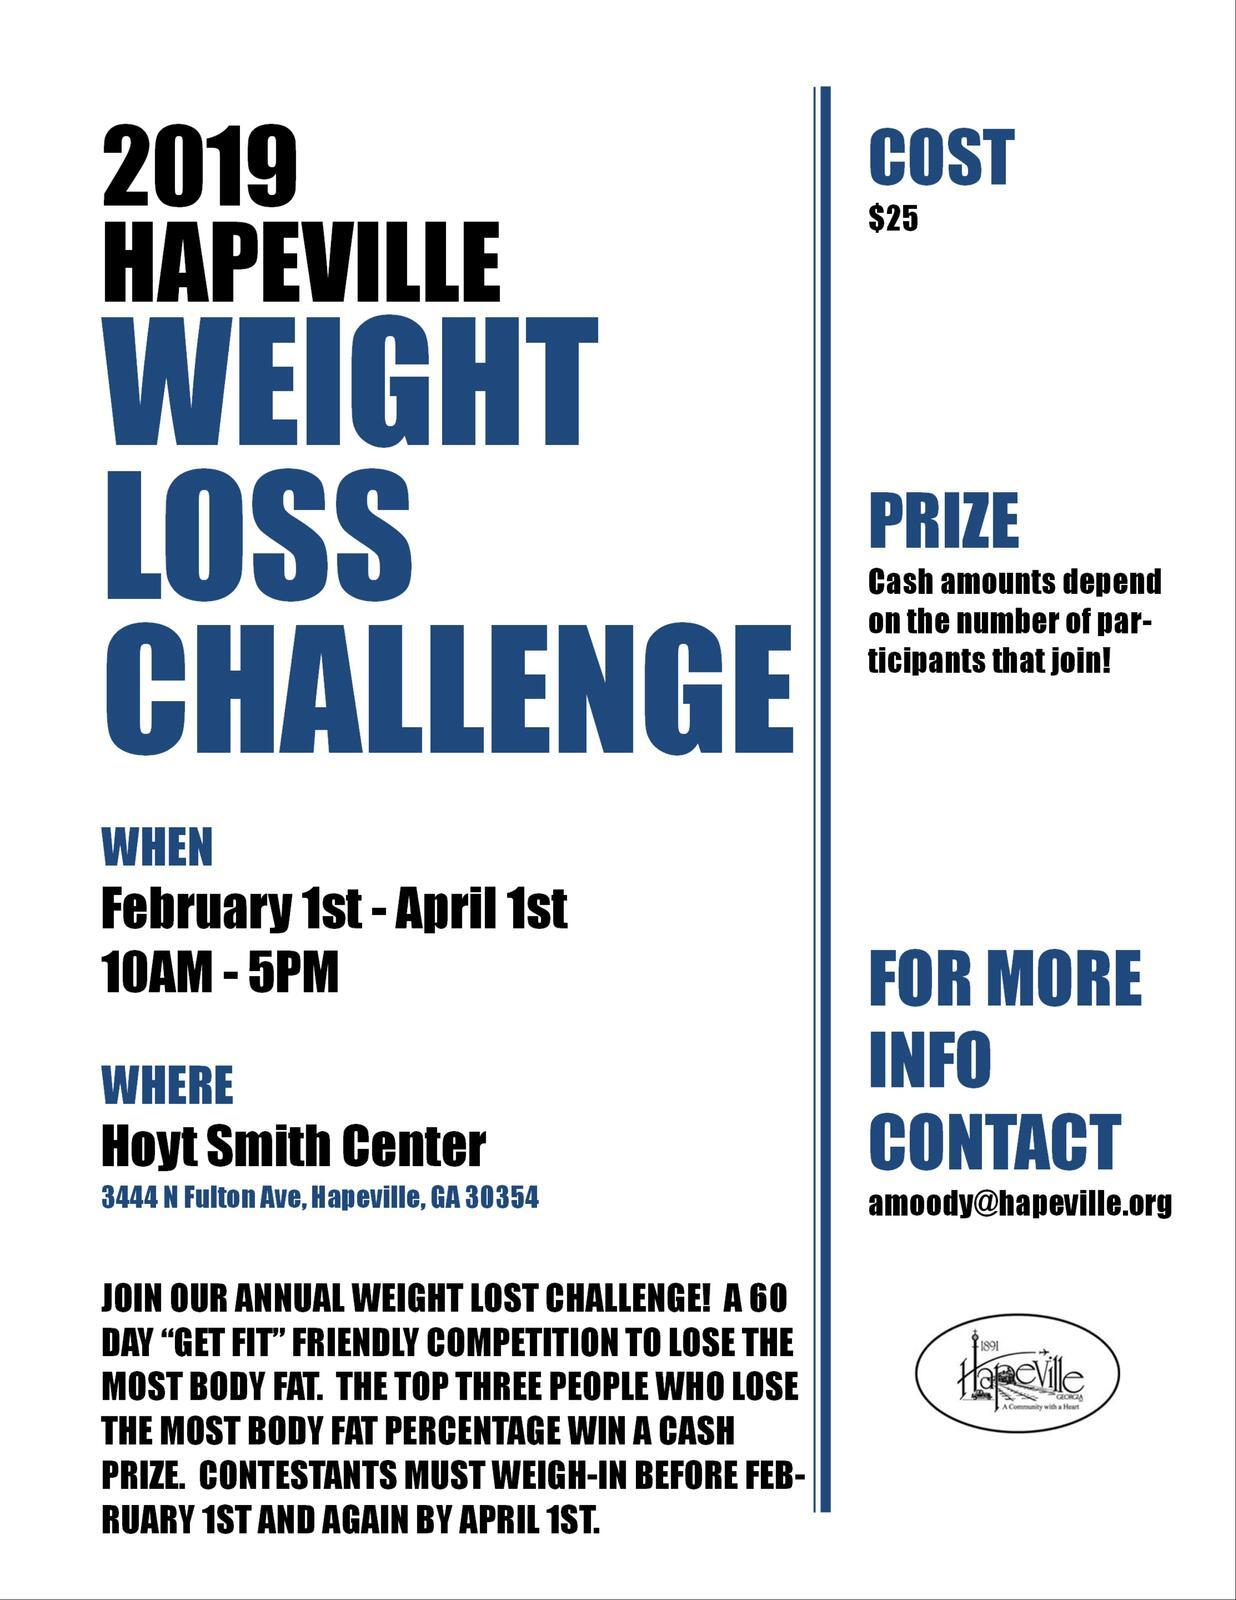 Weight Loss Challenge (City of Hapeville) | Nextdoor